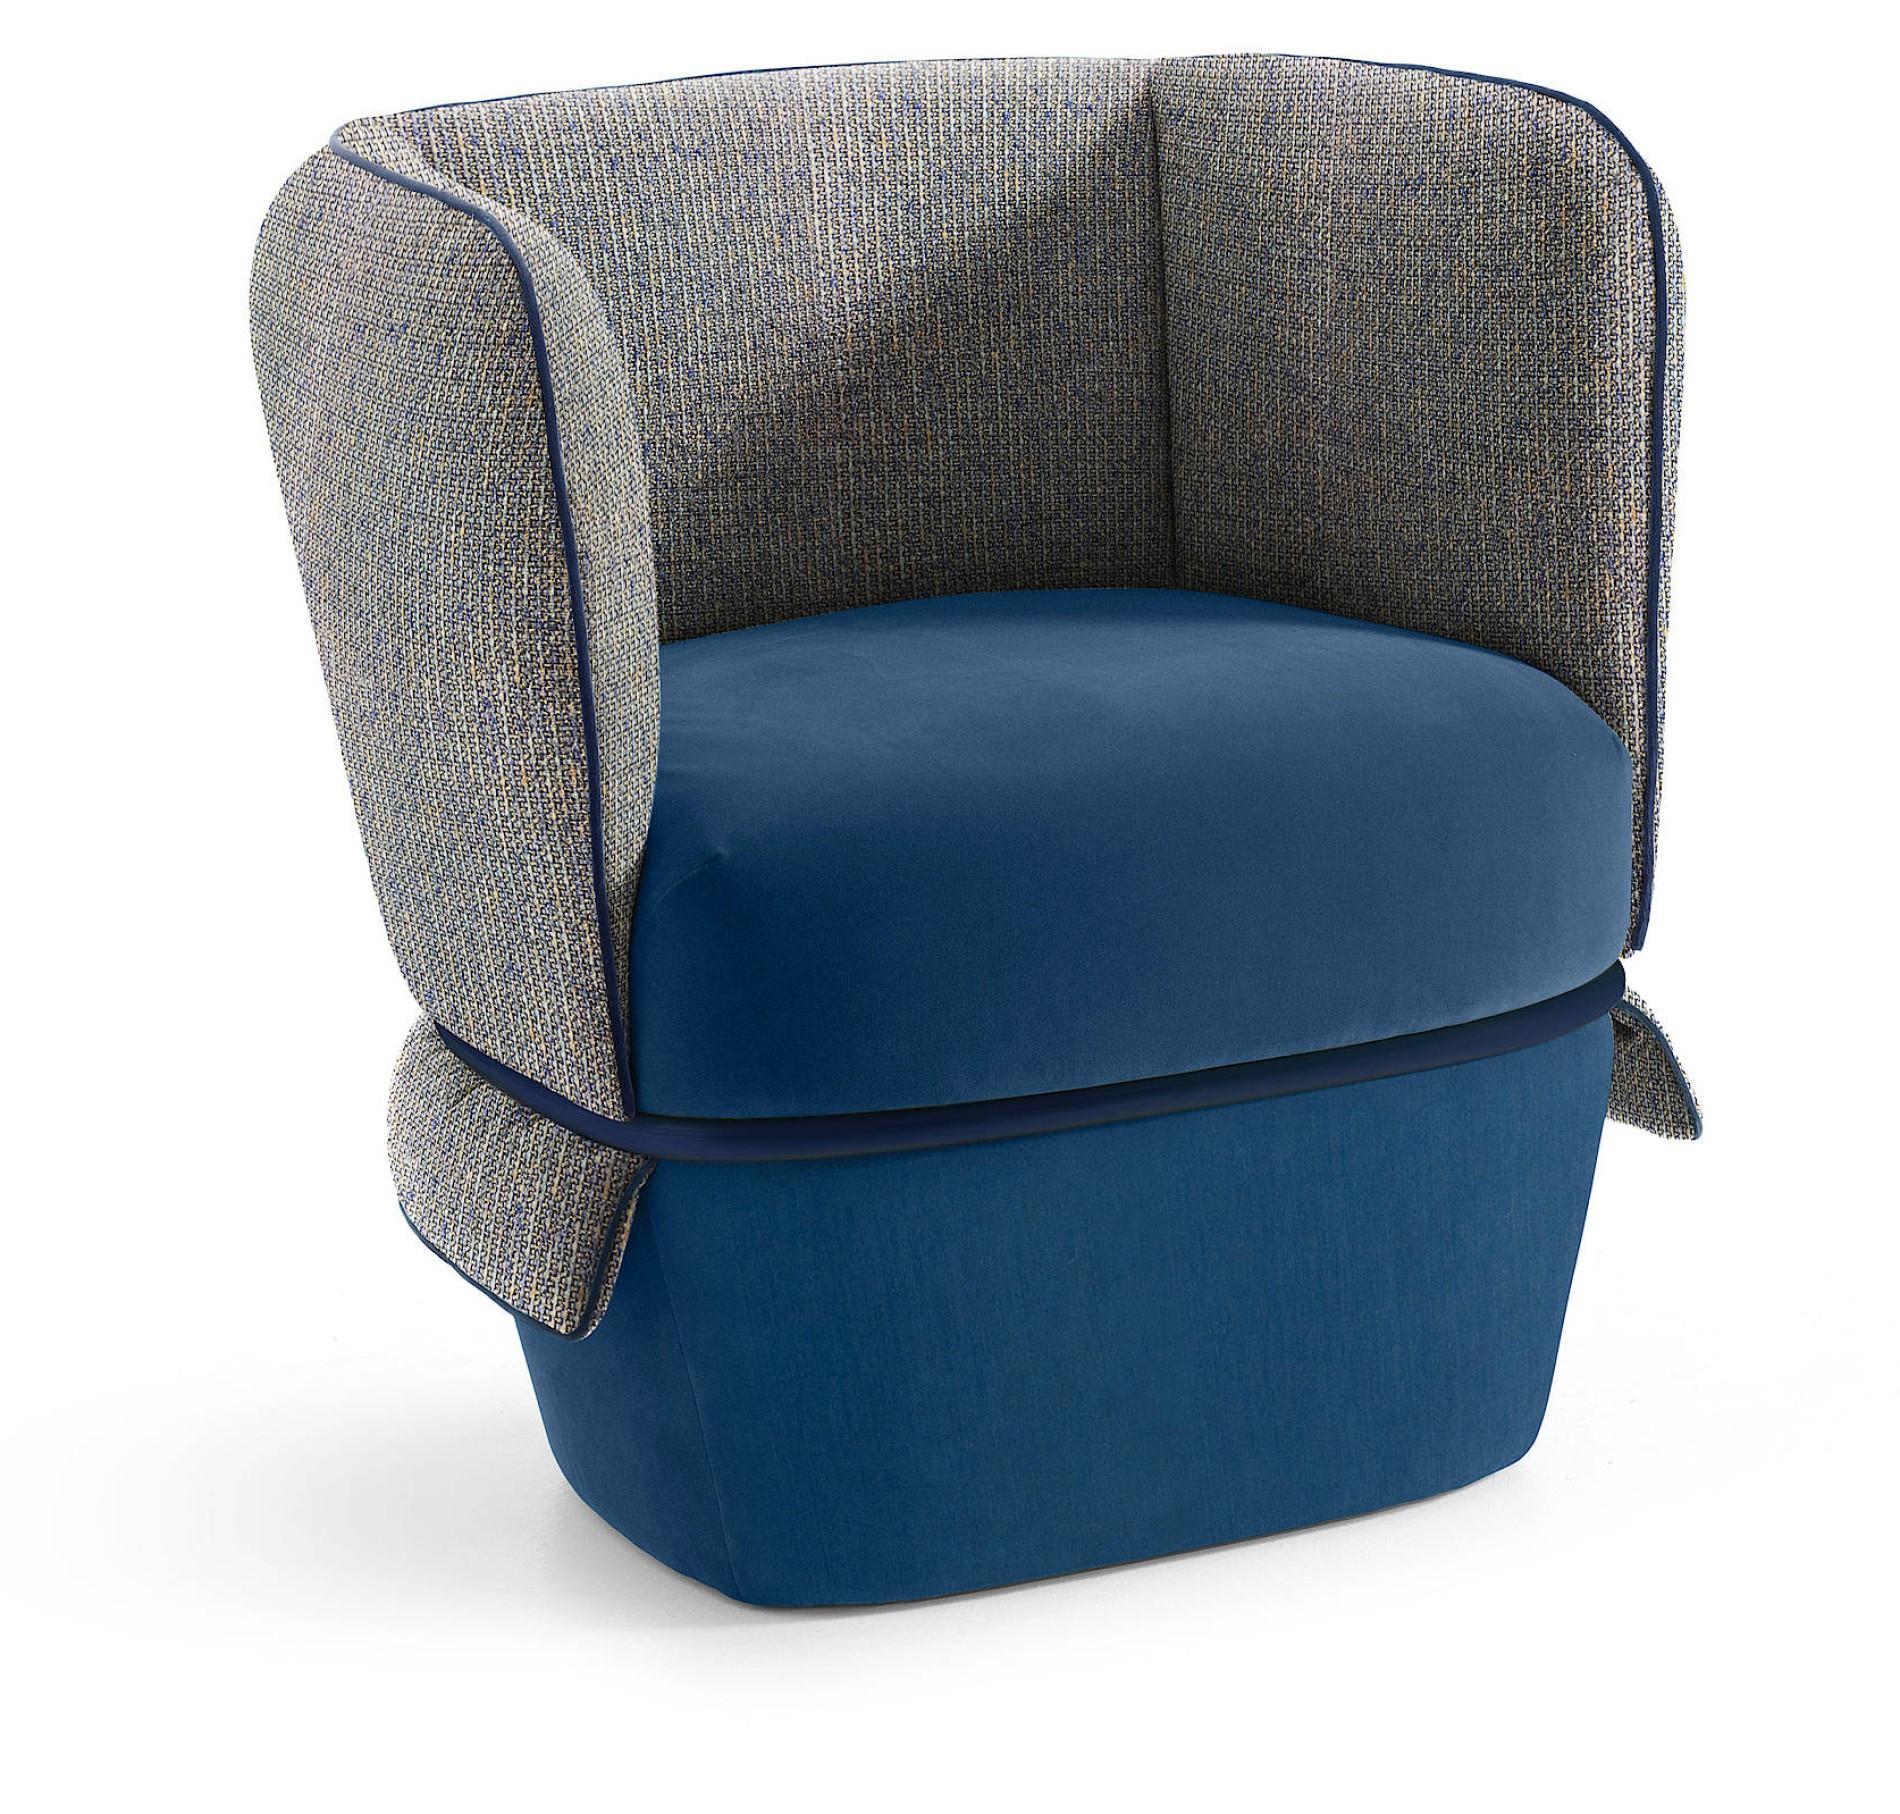 CHEMISE Trägt Einen Gürtel Aus Metall. Die Schlaufe Hält Lehne Und Sitz  Zusammen. Auch Dieser Sessel (für My Home Collection) Ist Eine  Gemeinschaftsarbeit, ...